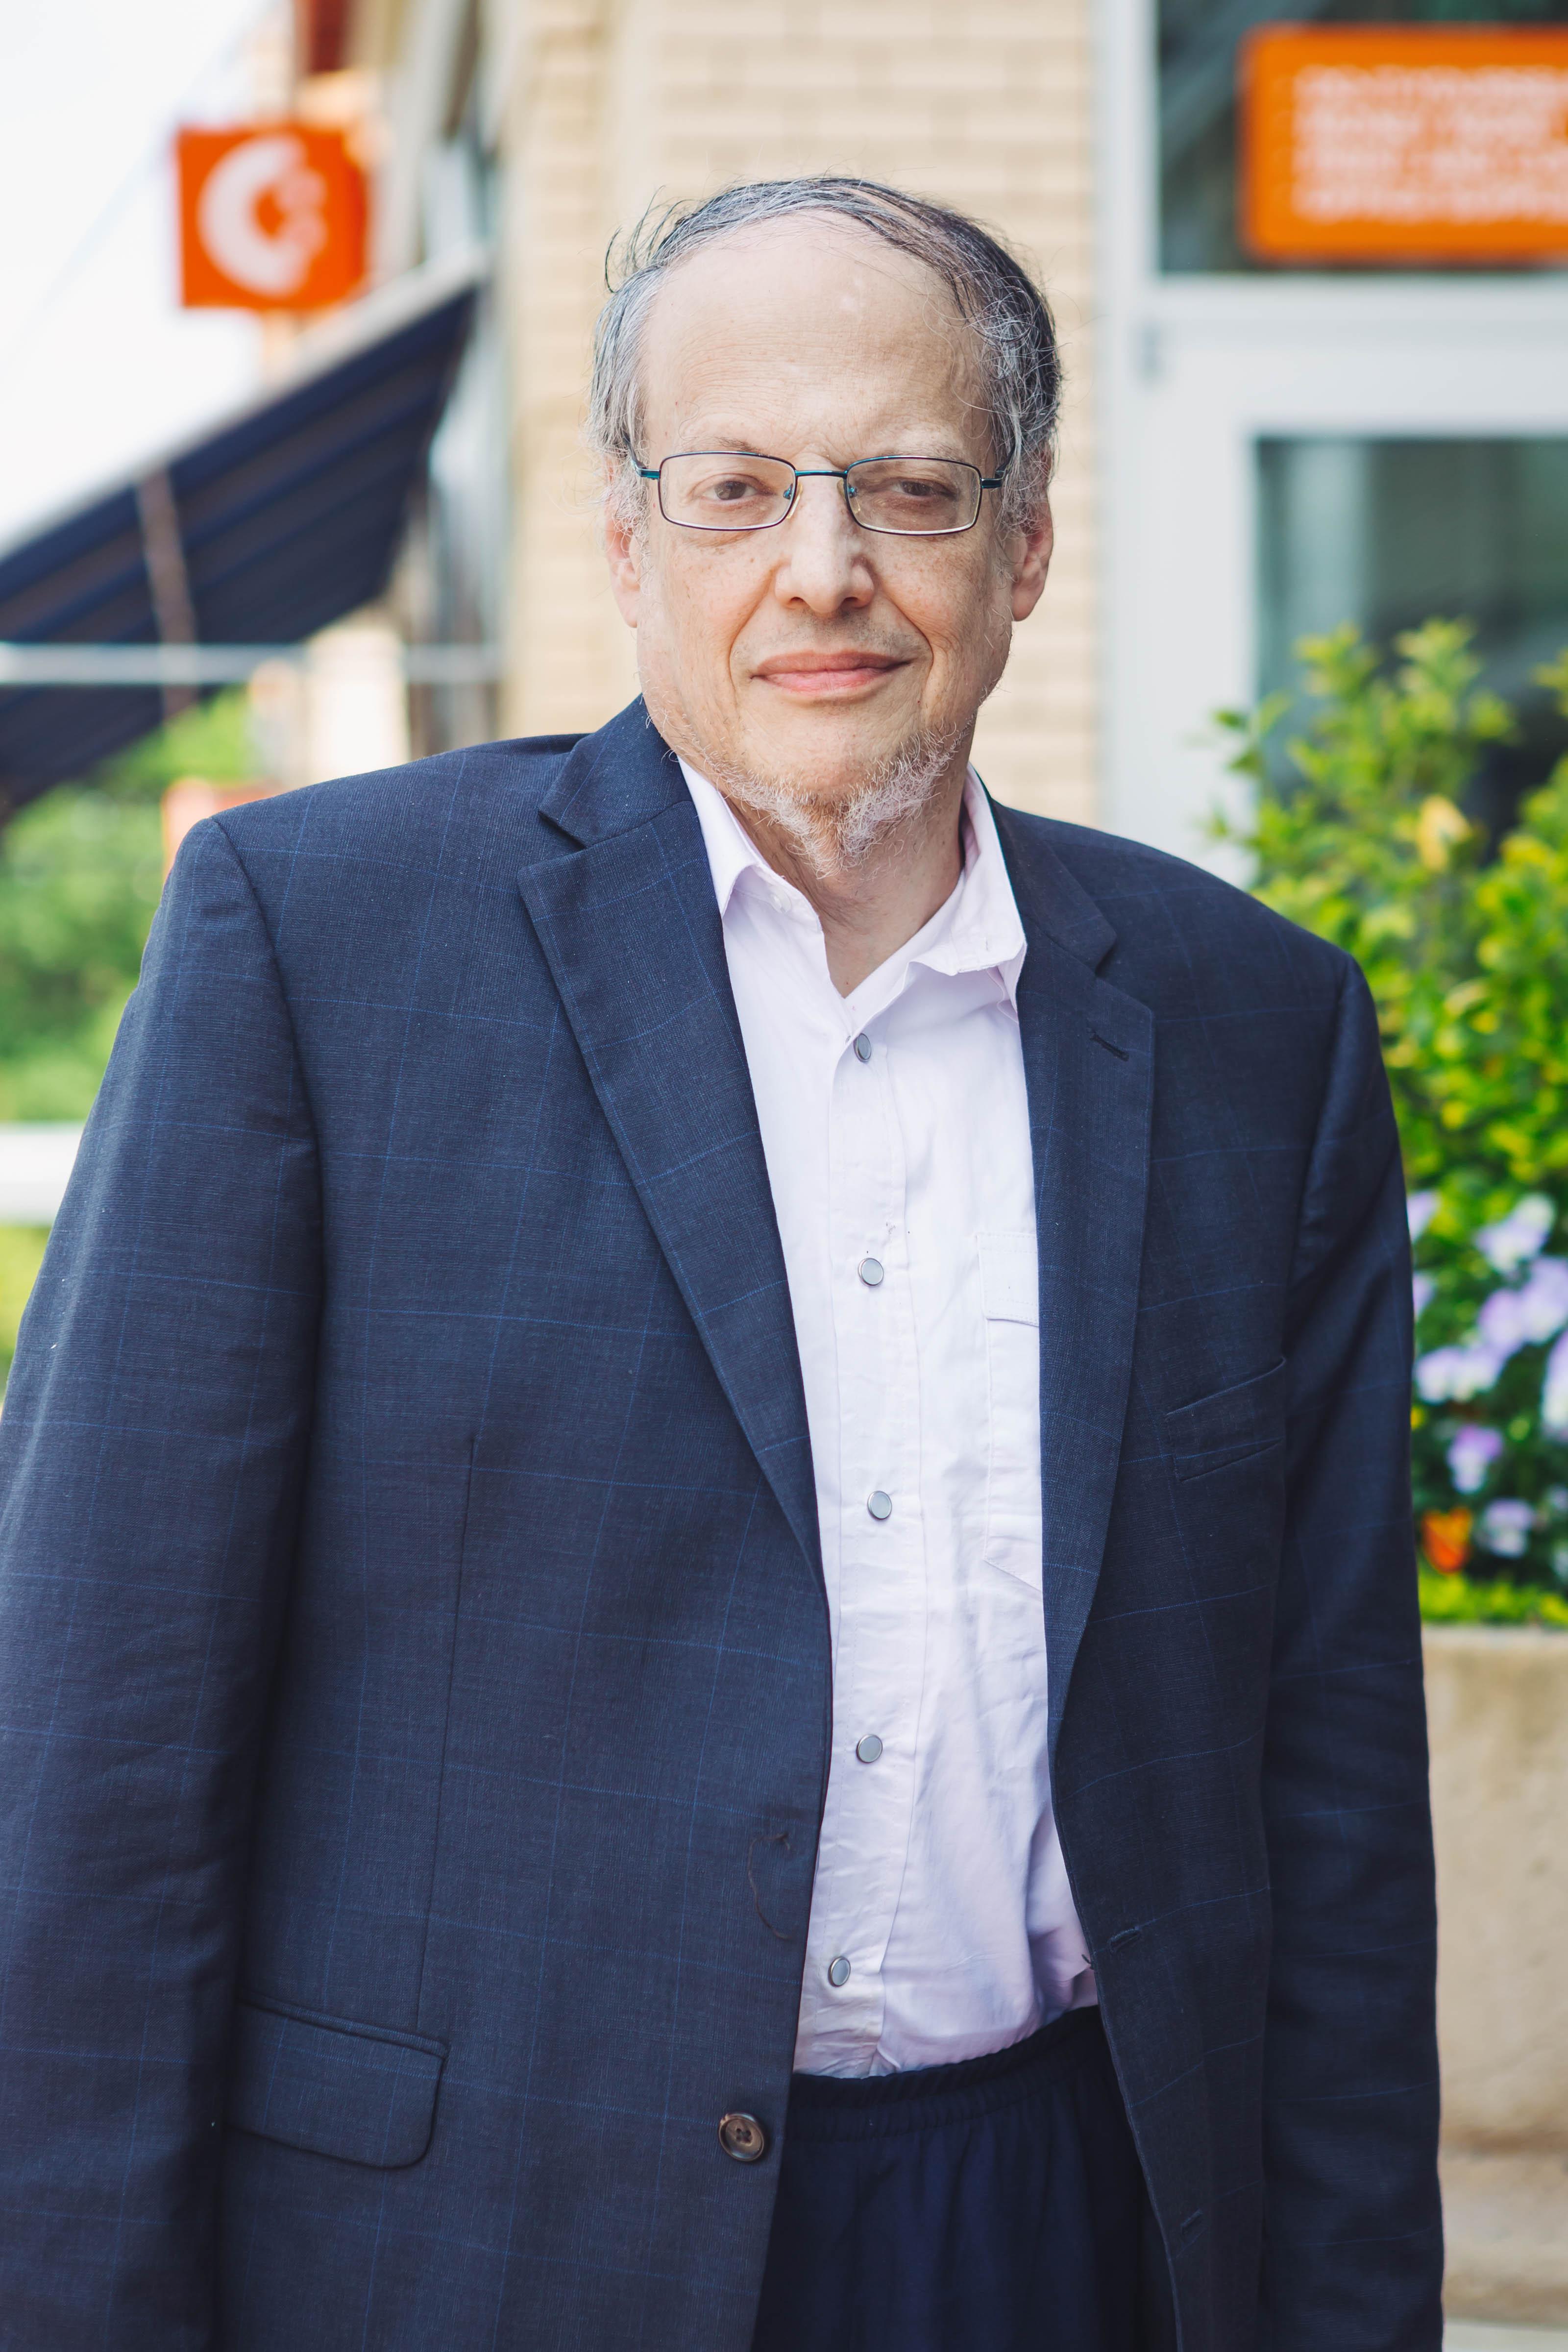 Ken Simon, CPA, JD